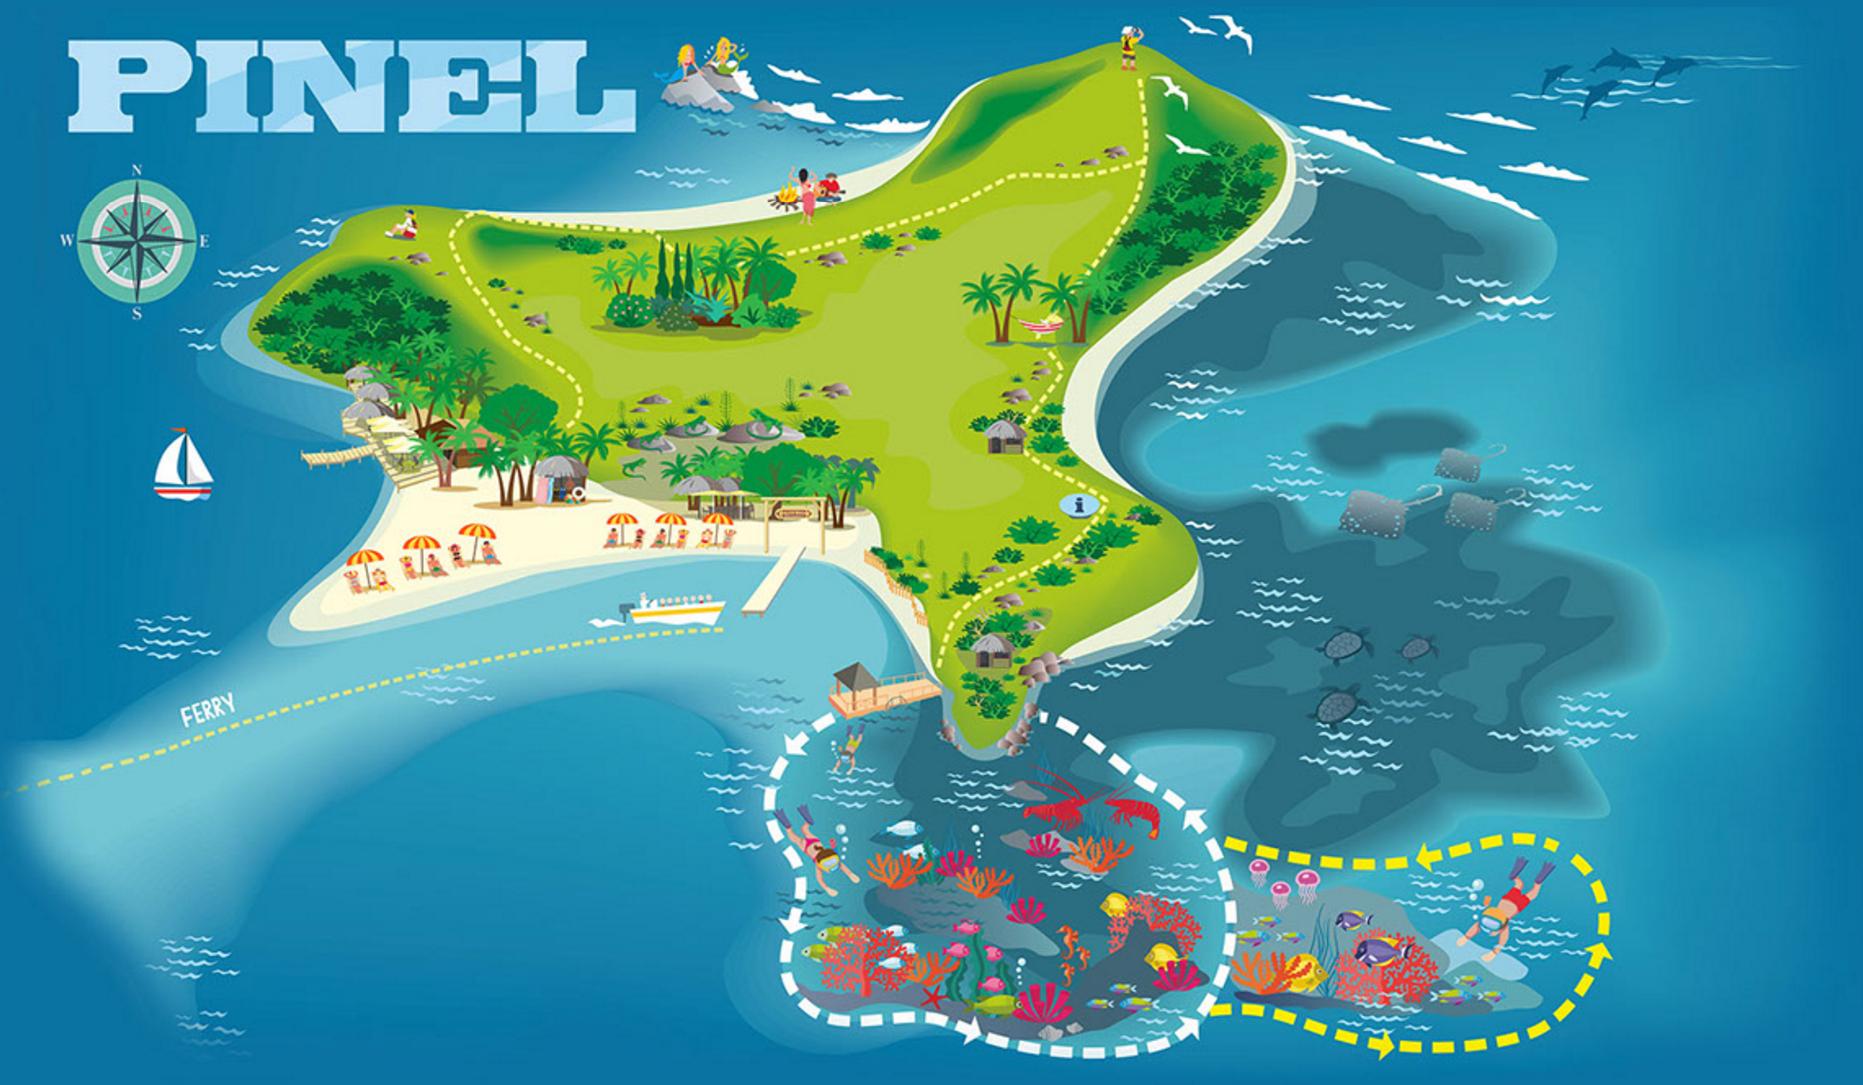 St Maarten Map | Things To Do In St Maarten - Printable Road Map Of St Maarten